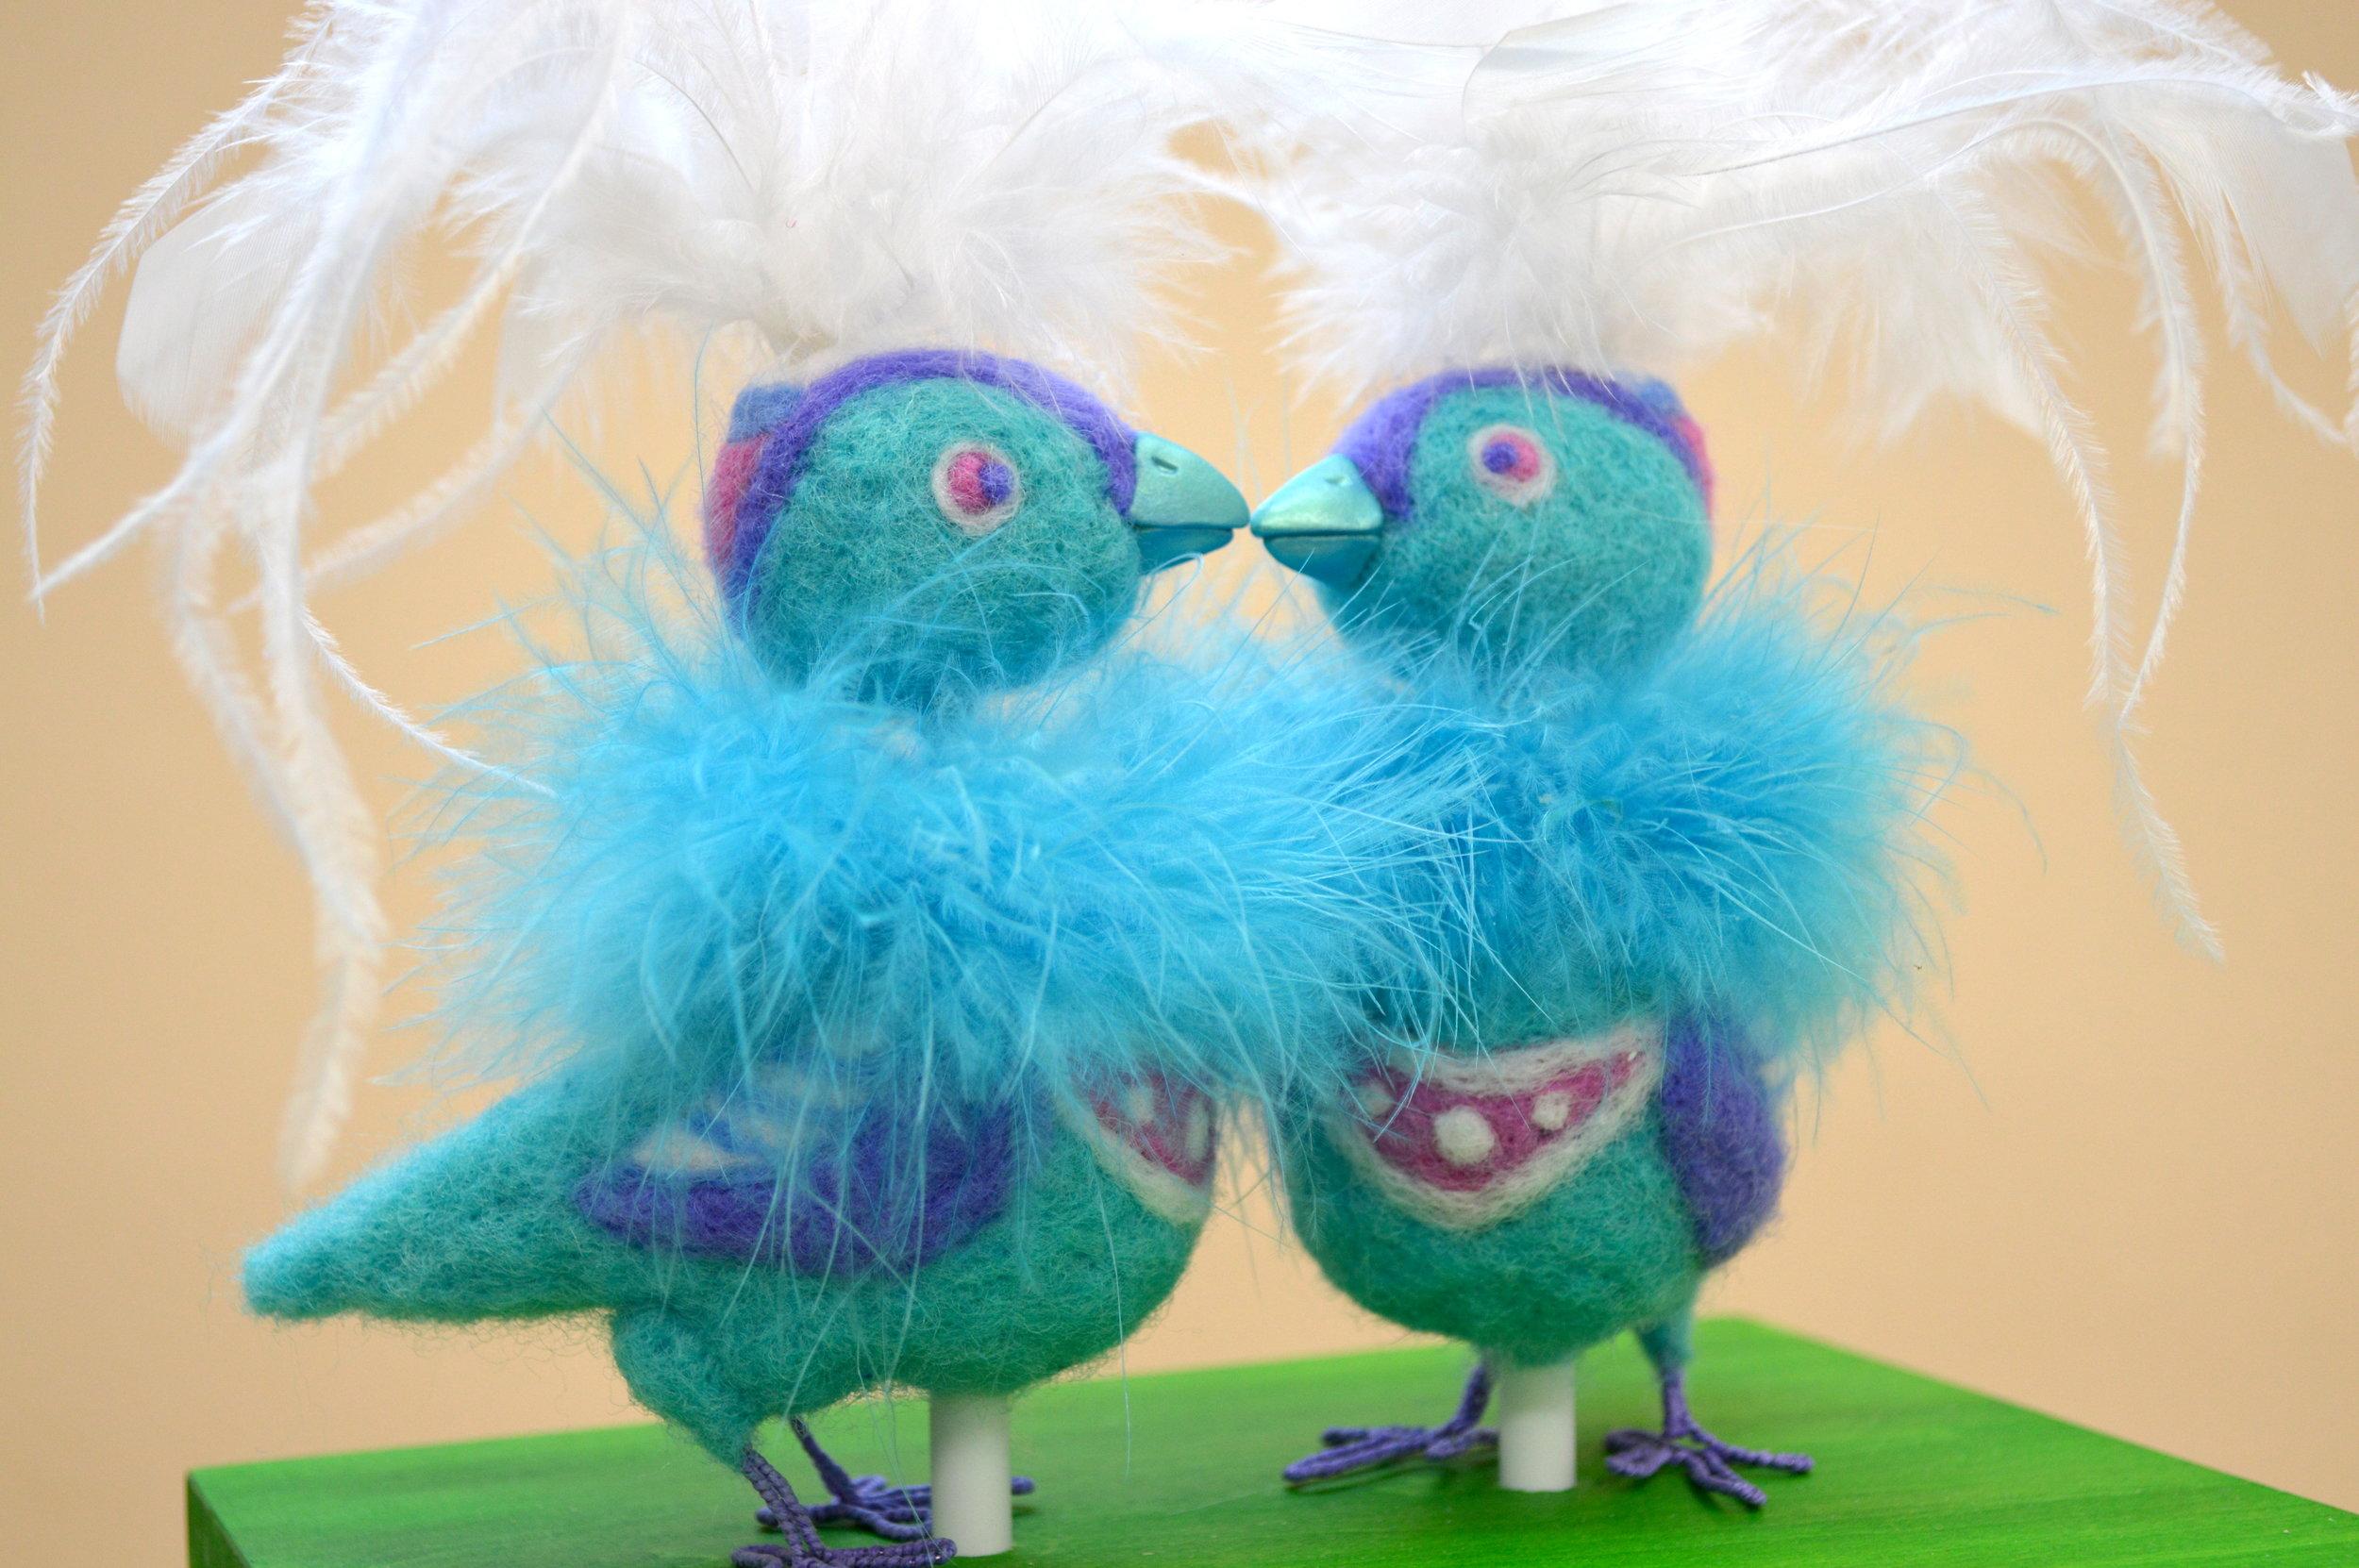 Kissing Lovebirds Close-Up.JPG